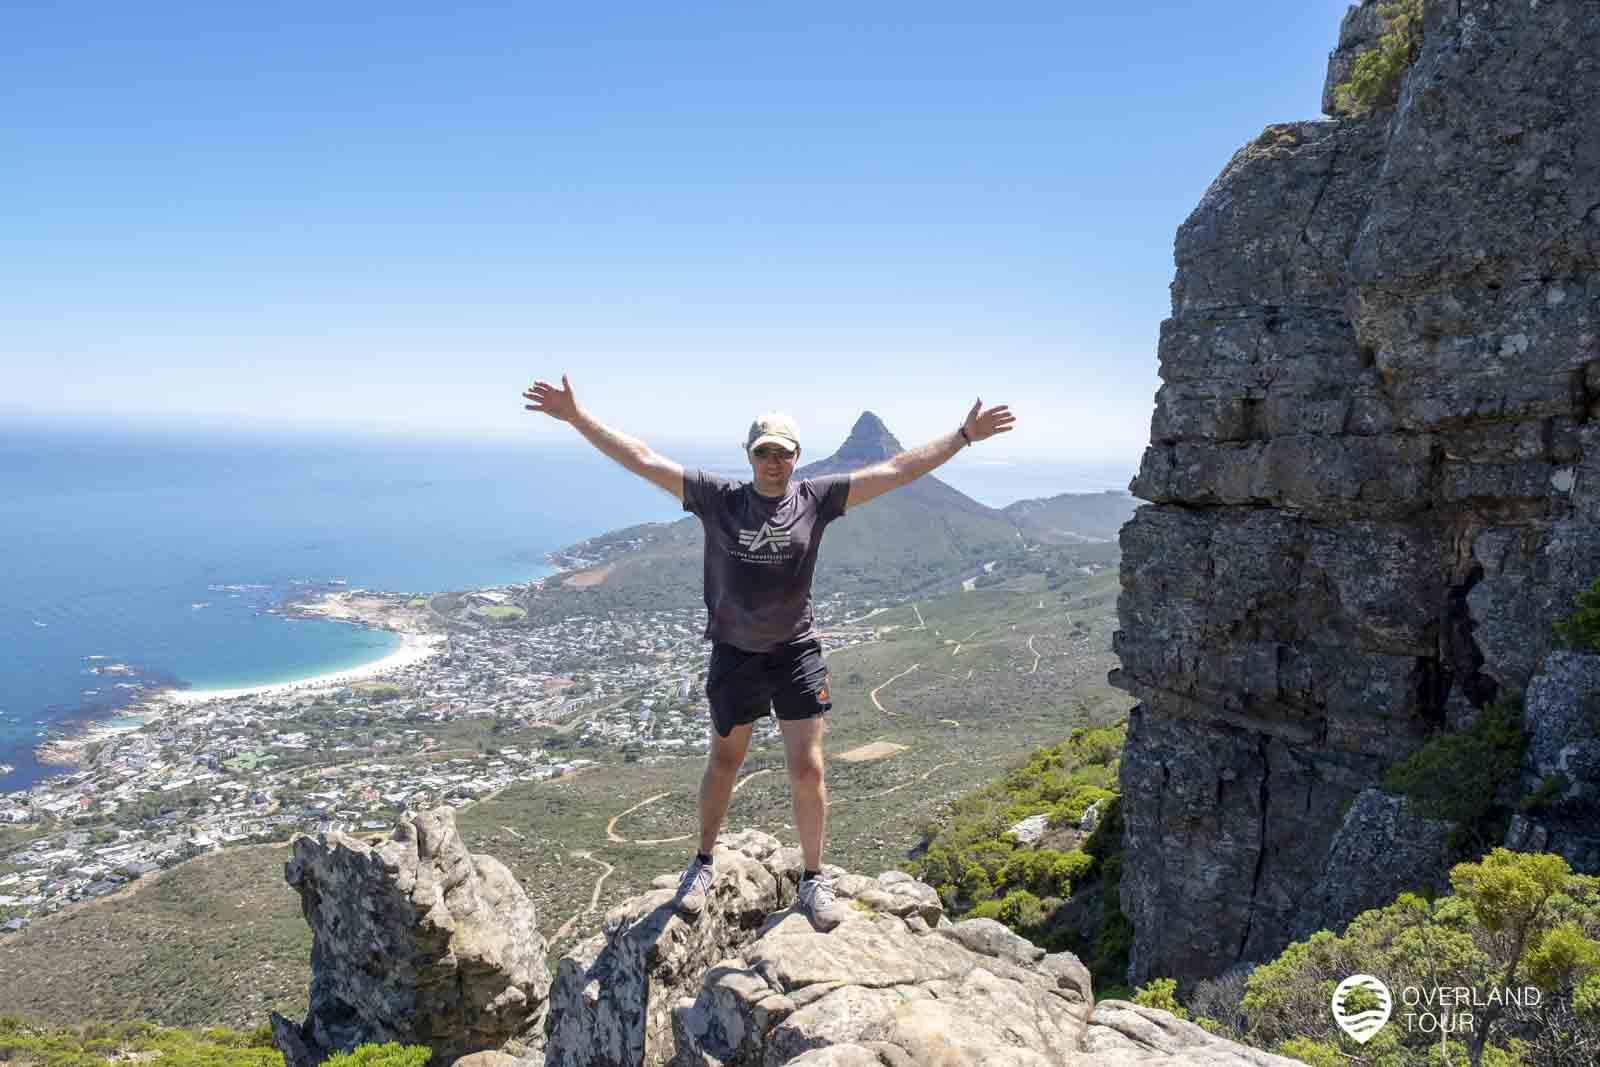 Kasteelspoort Wanderung – Der Tafelberg in Kapstadt ruft